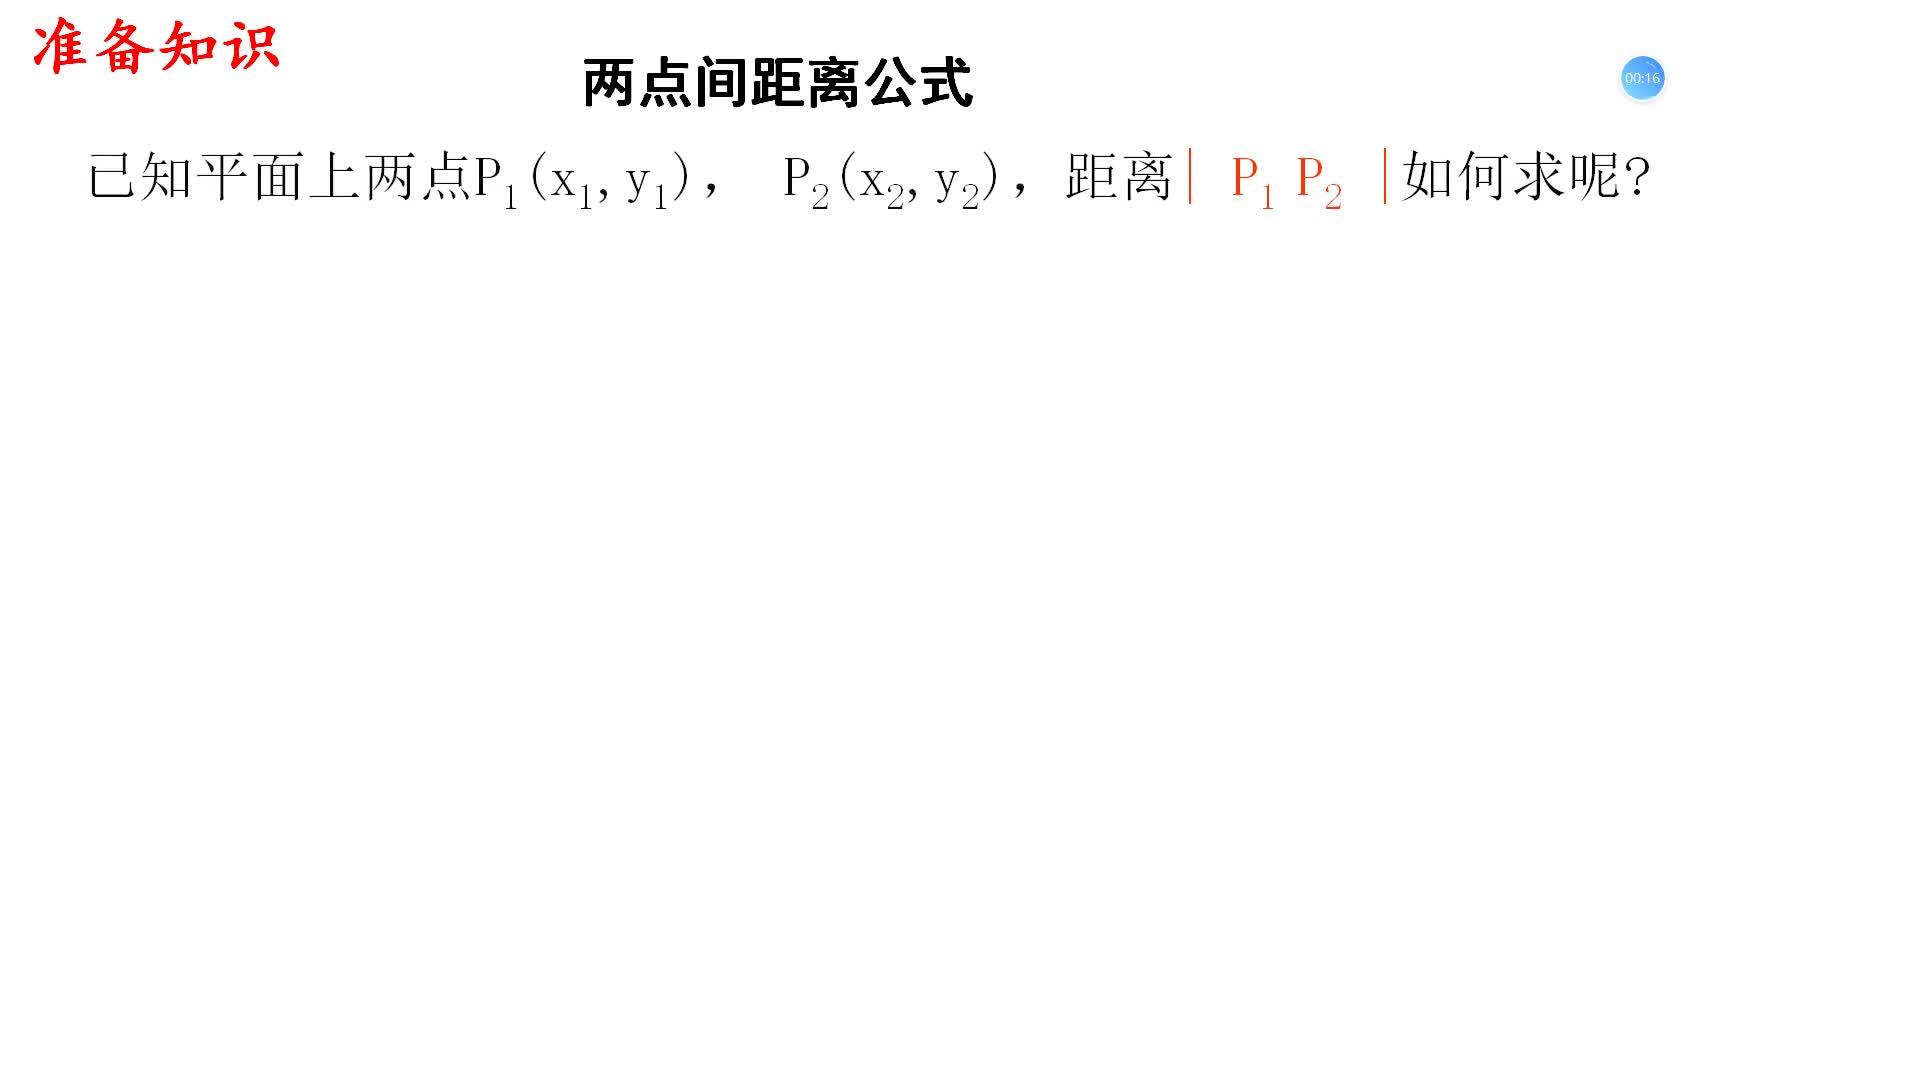 2020-2021学年高一人教A版(2019)必修第一册5.5.1两角和与差的正弦、余弦、正切公式  微课视频